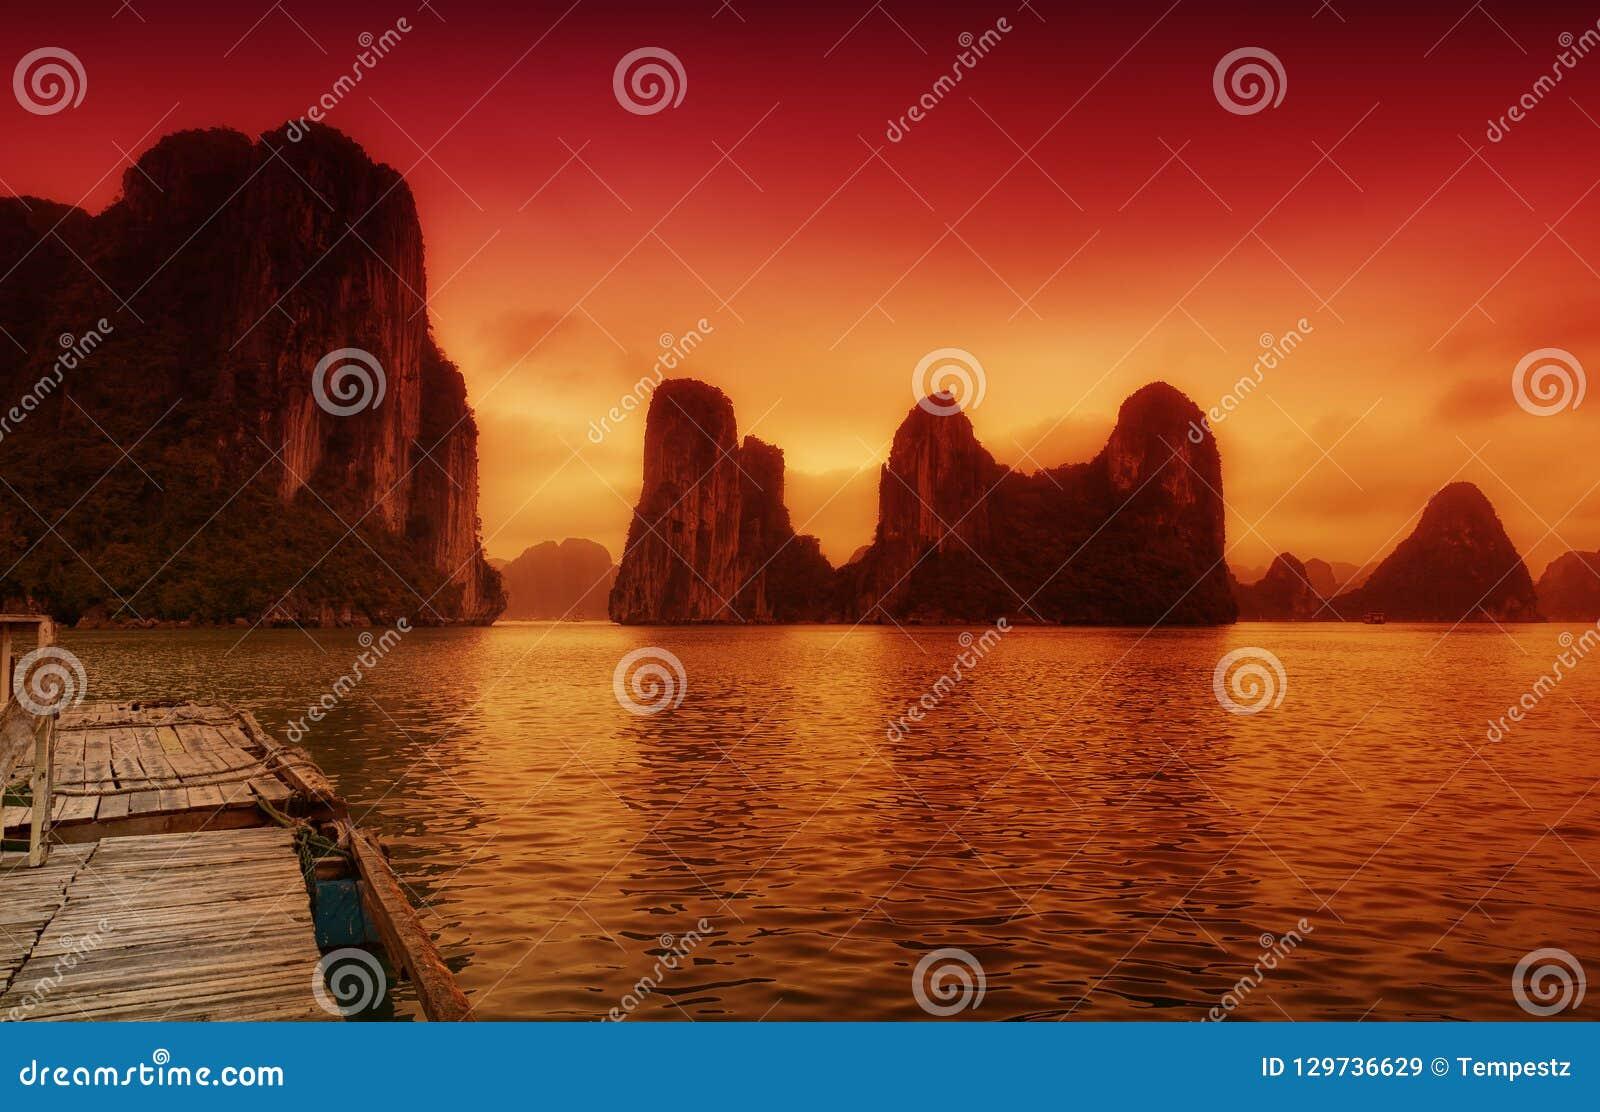 Paisaje de Vietnam de la bahía de Halong bajo puesta del sol anaranjada